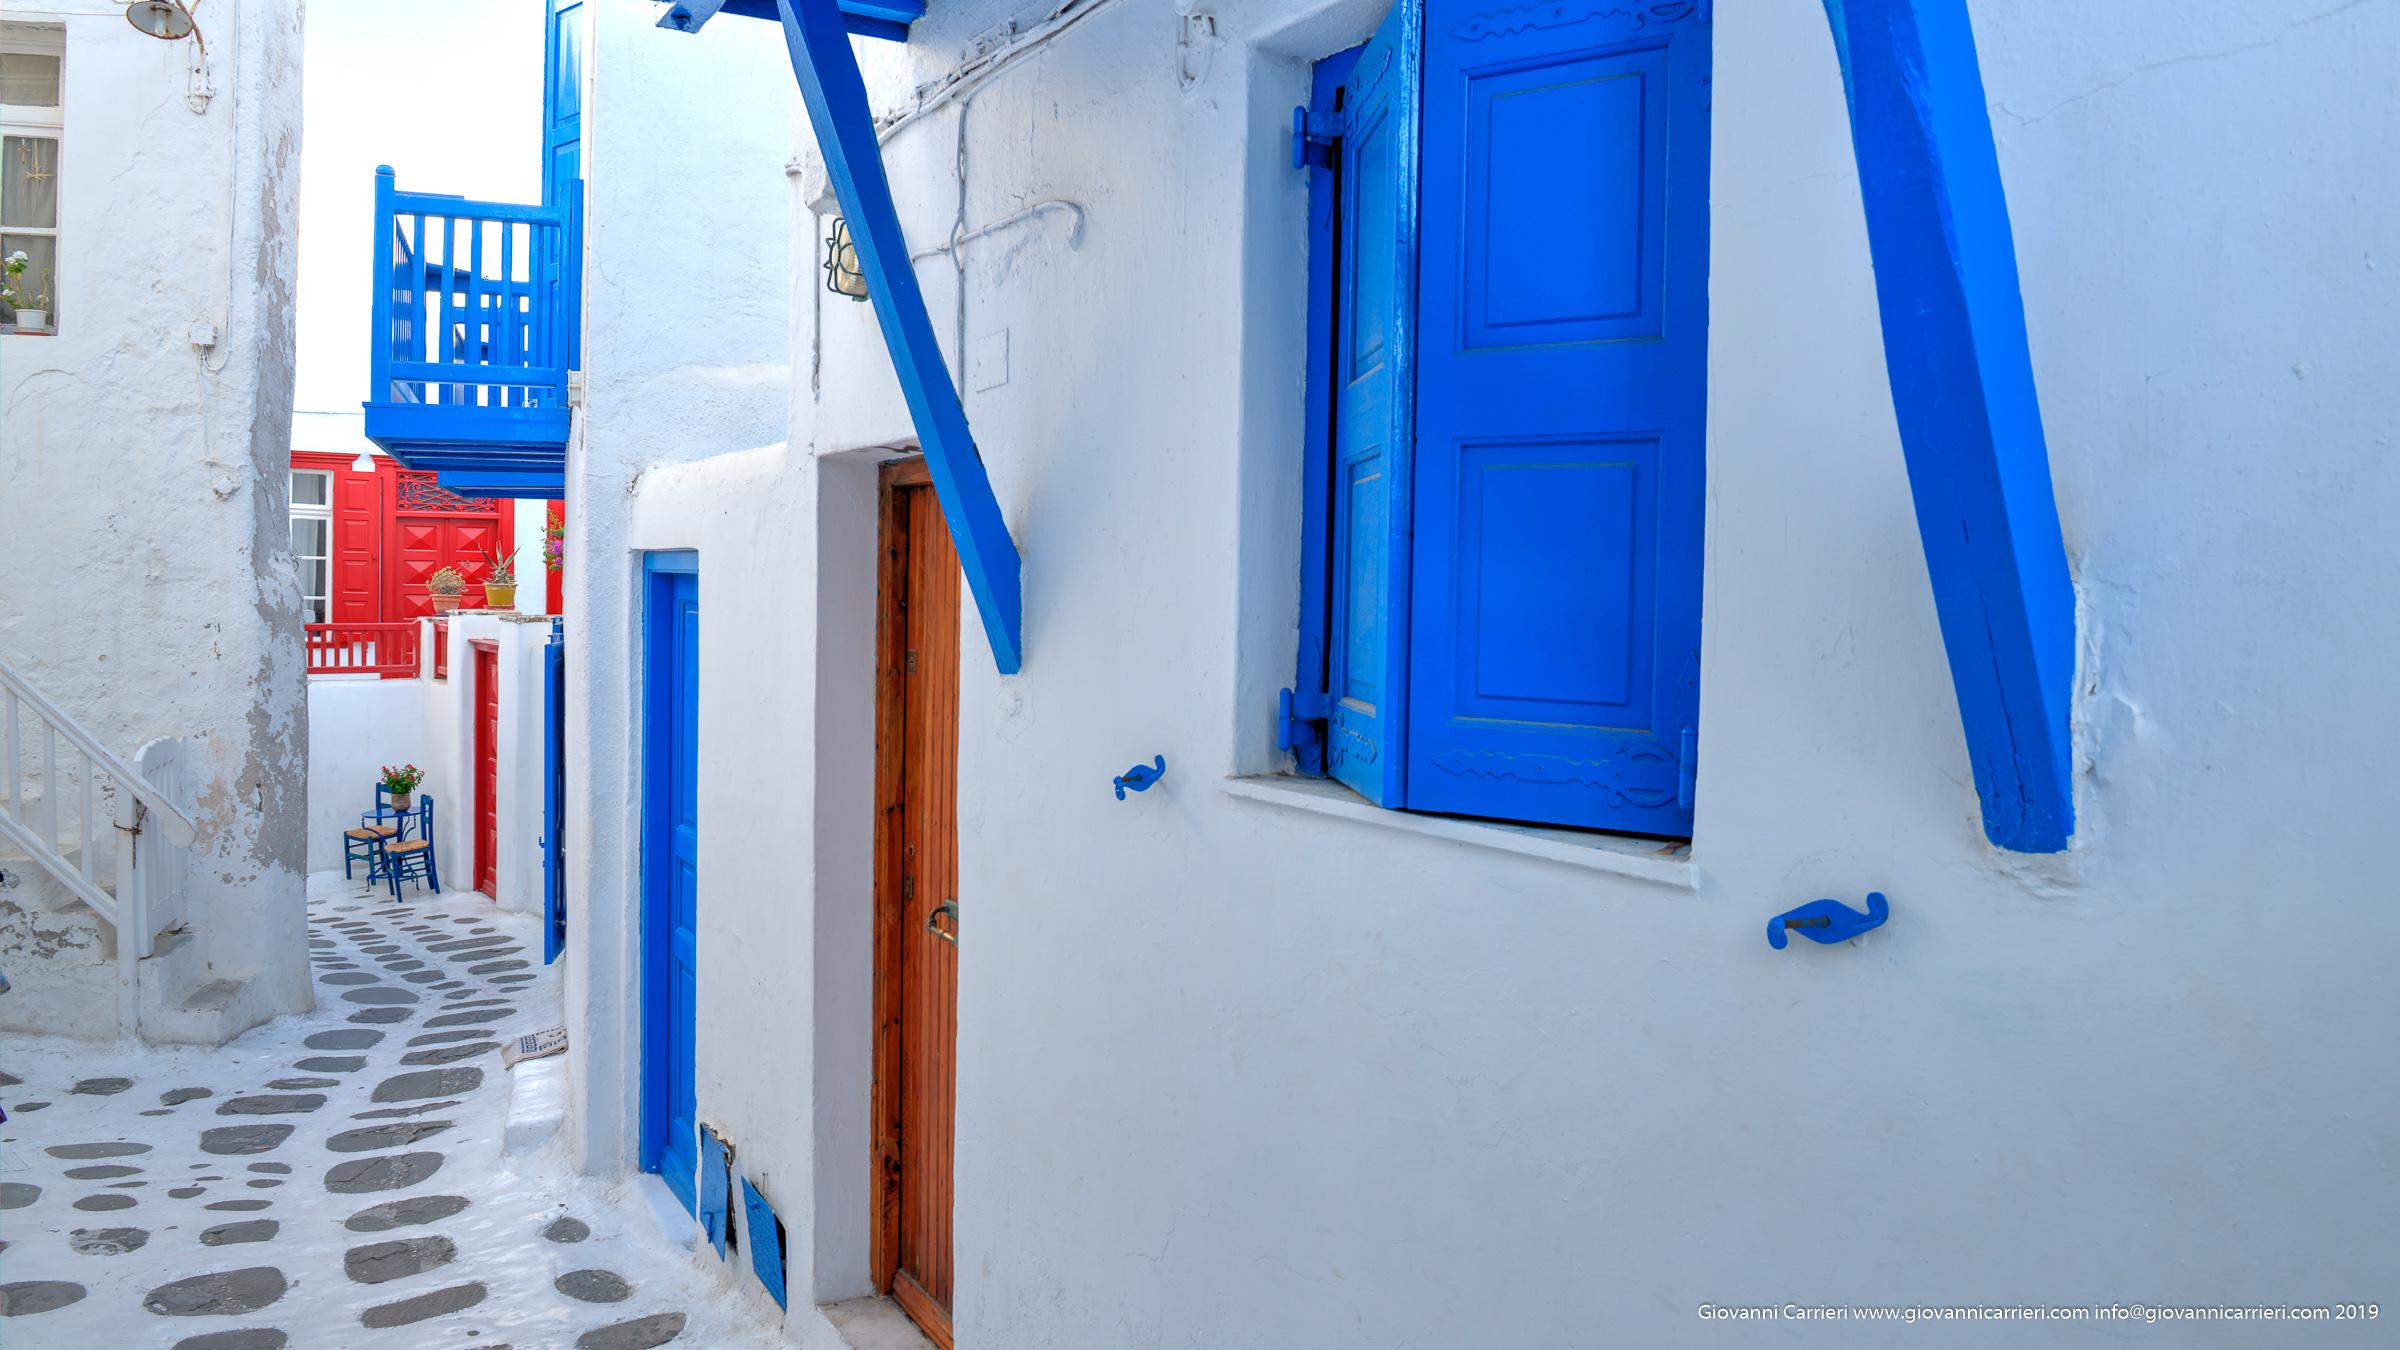 Le stradine di Chora - Mykonos